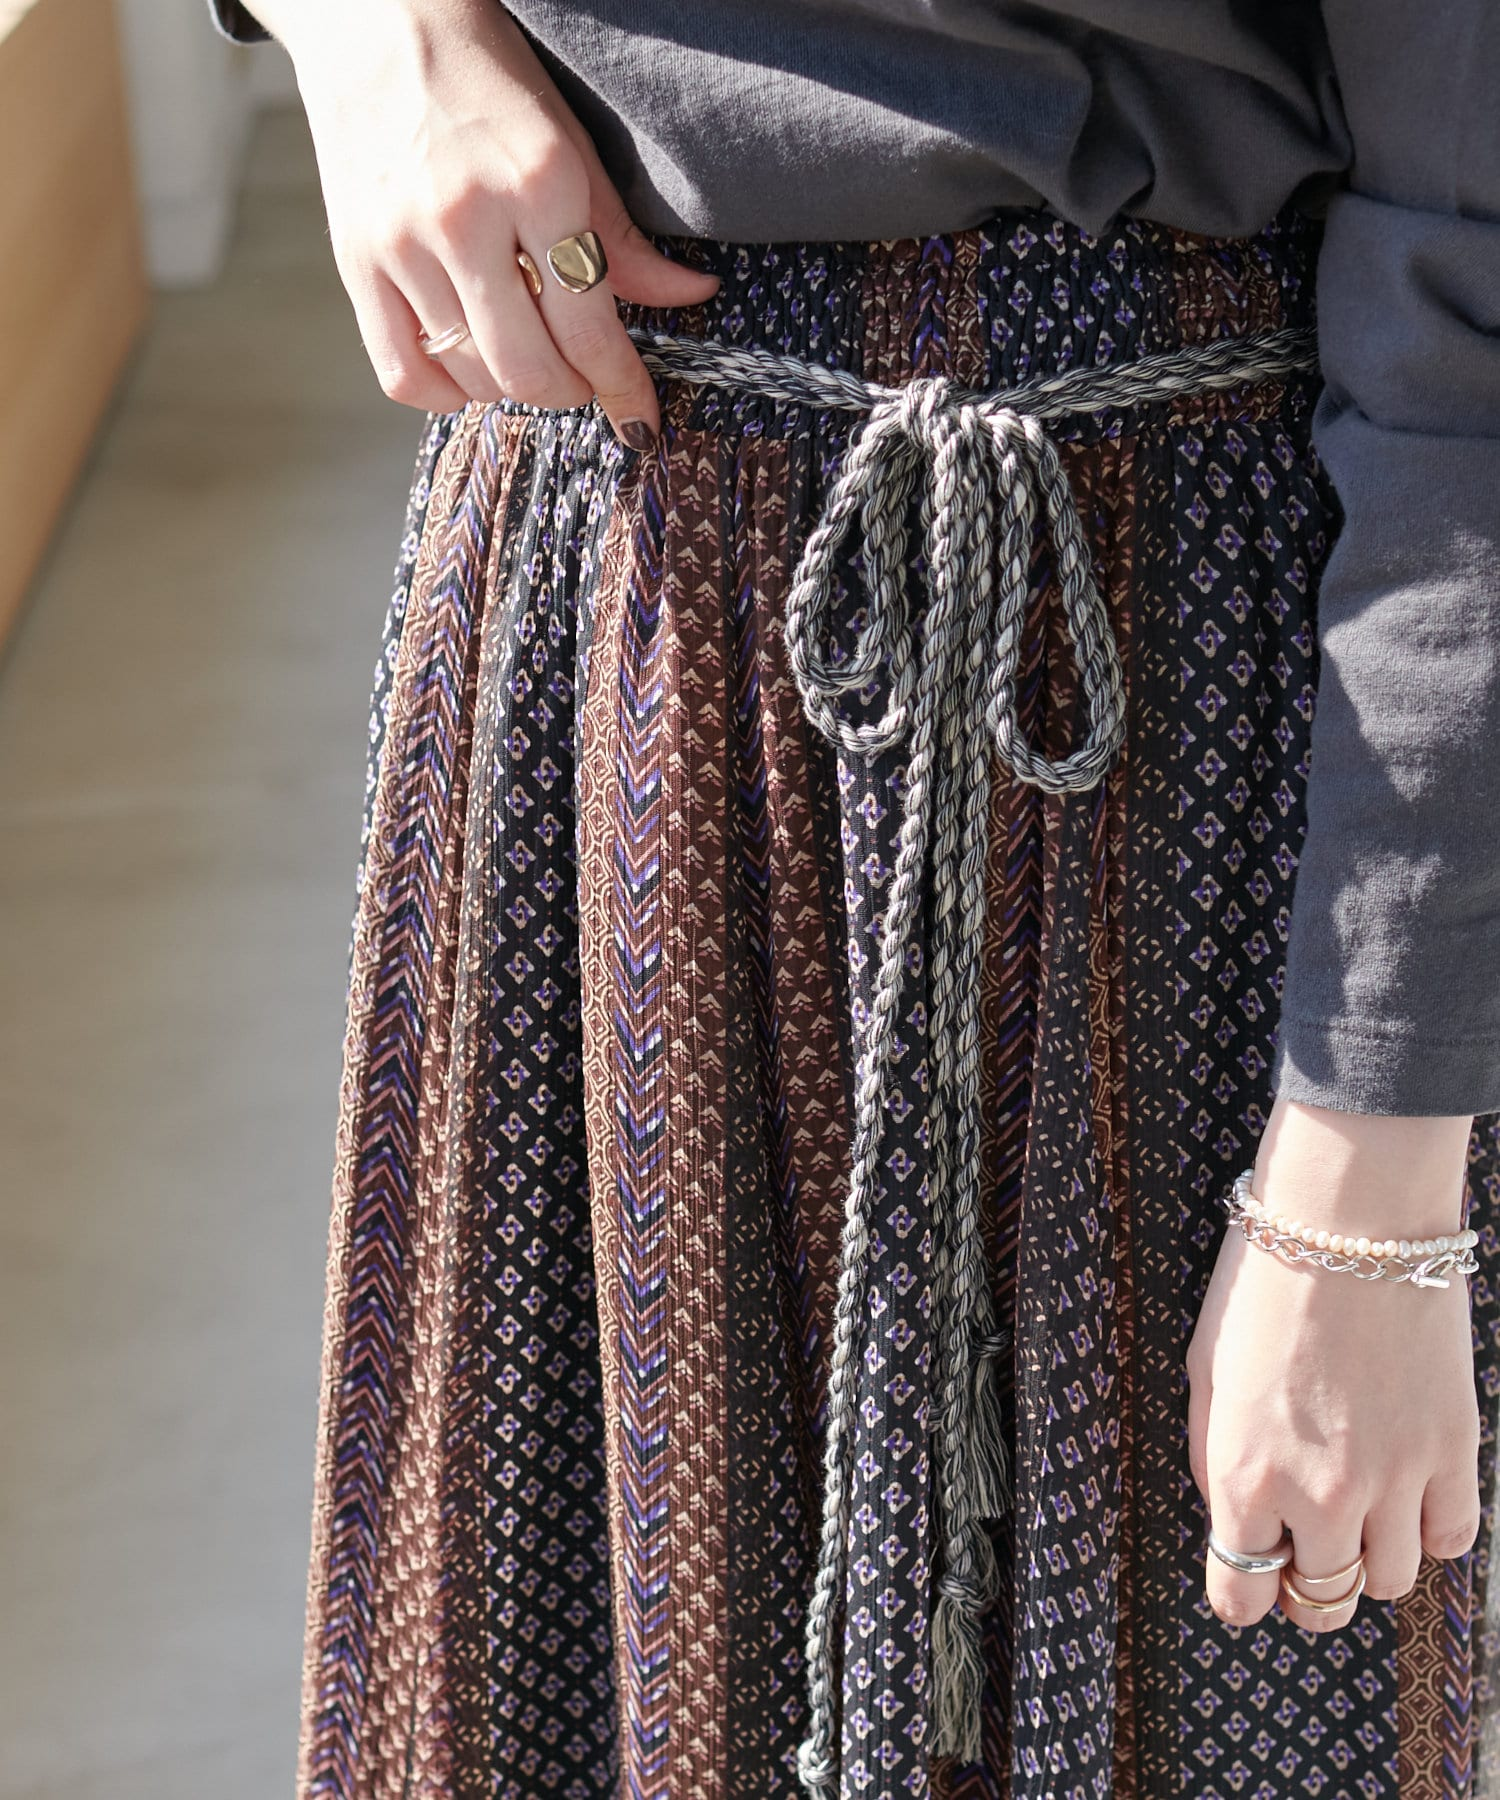 Discoat(ディスコート) エスニックストライプロングスカート